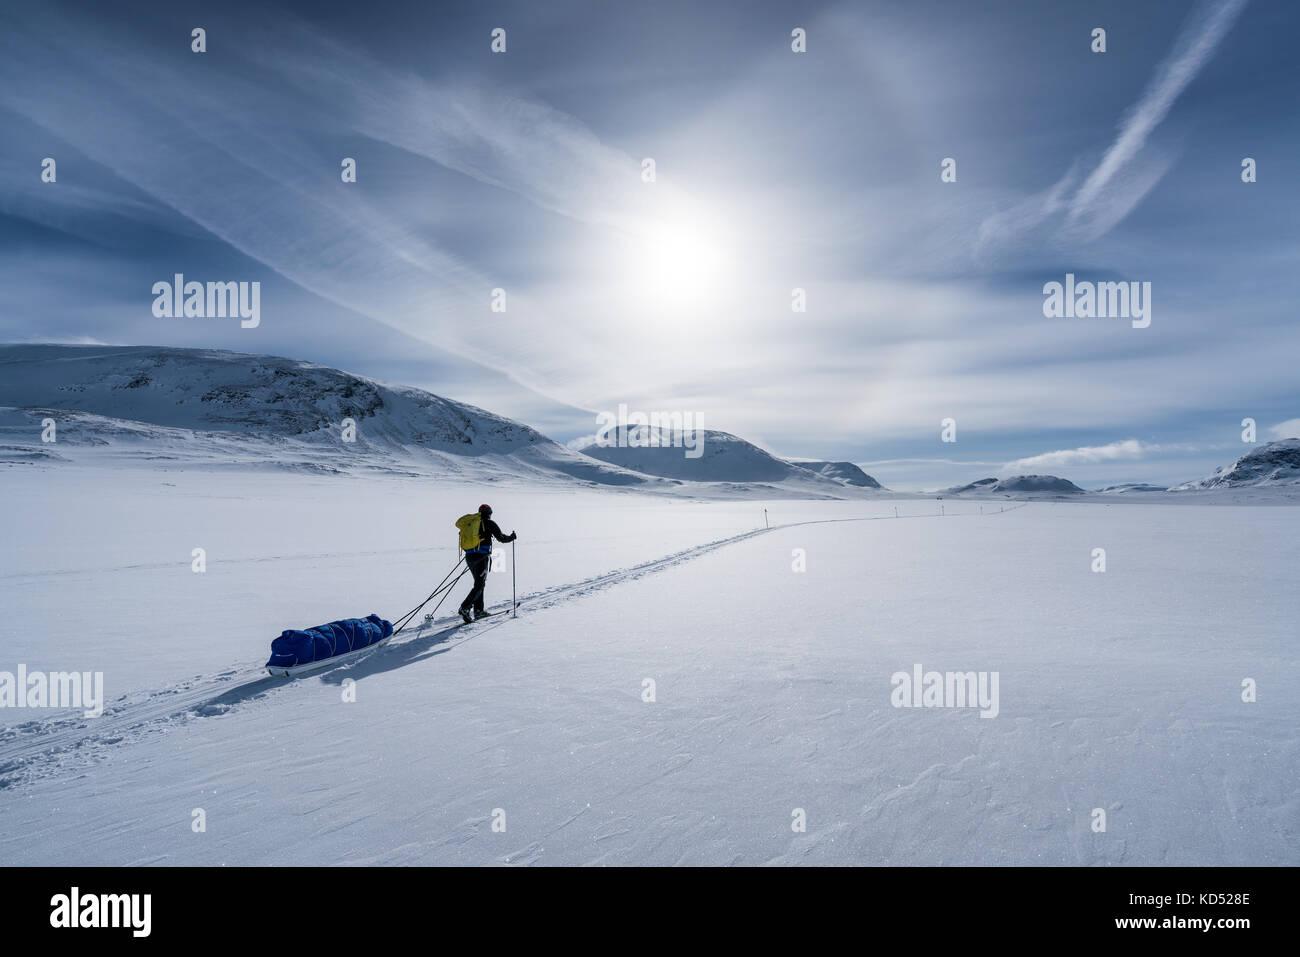 Sci alpinismo nelle kebnekaise massiccio montuoso, kiiruna, Svezia, Europa Immagini Stock